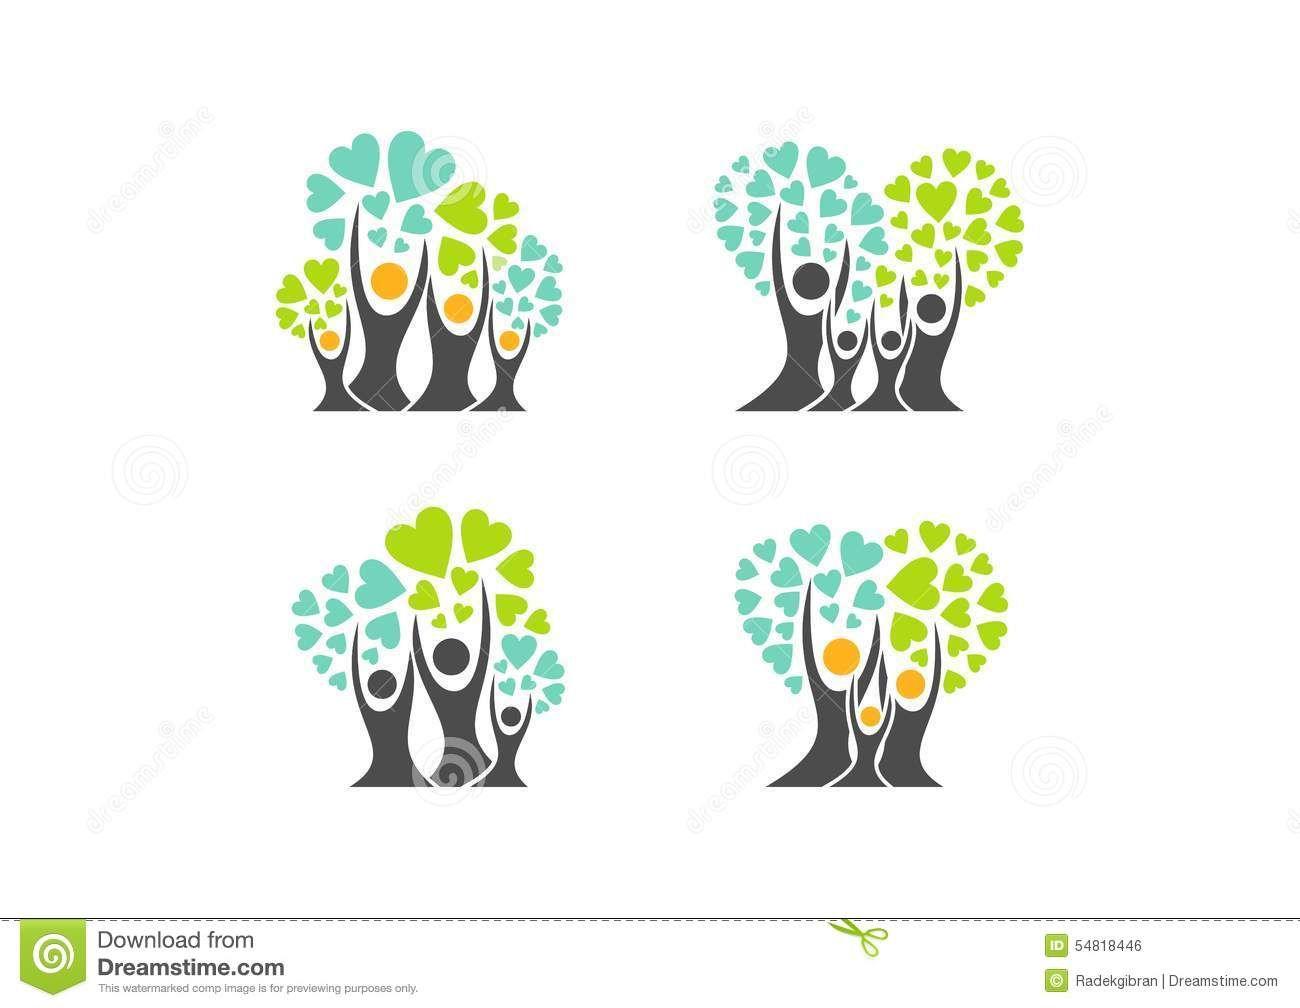 Family tree logofamily heart tree symbolsparentkid